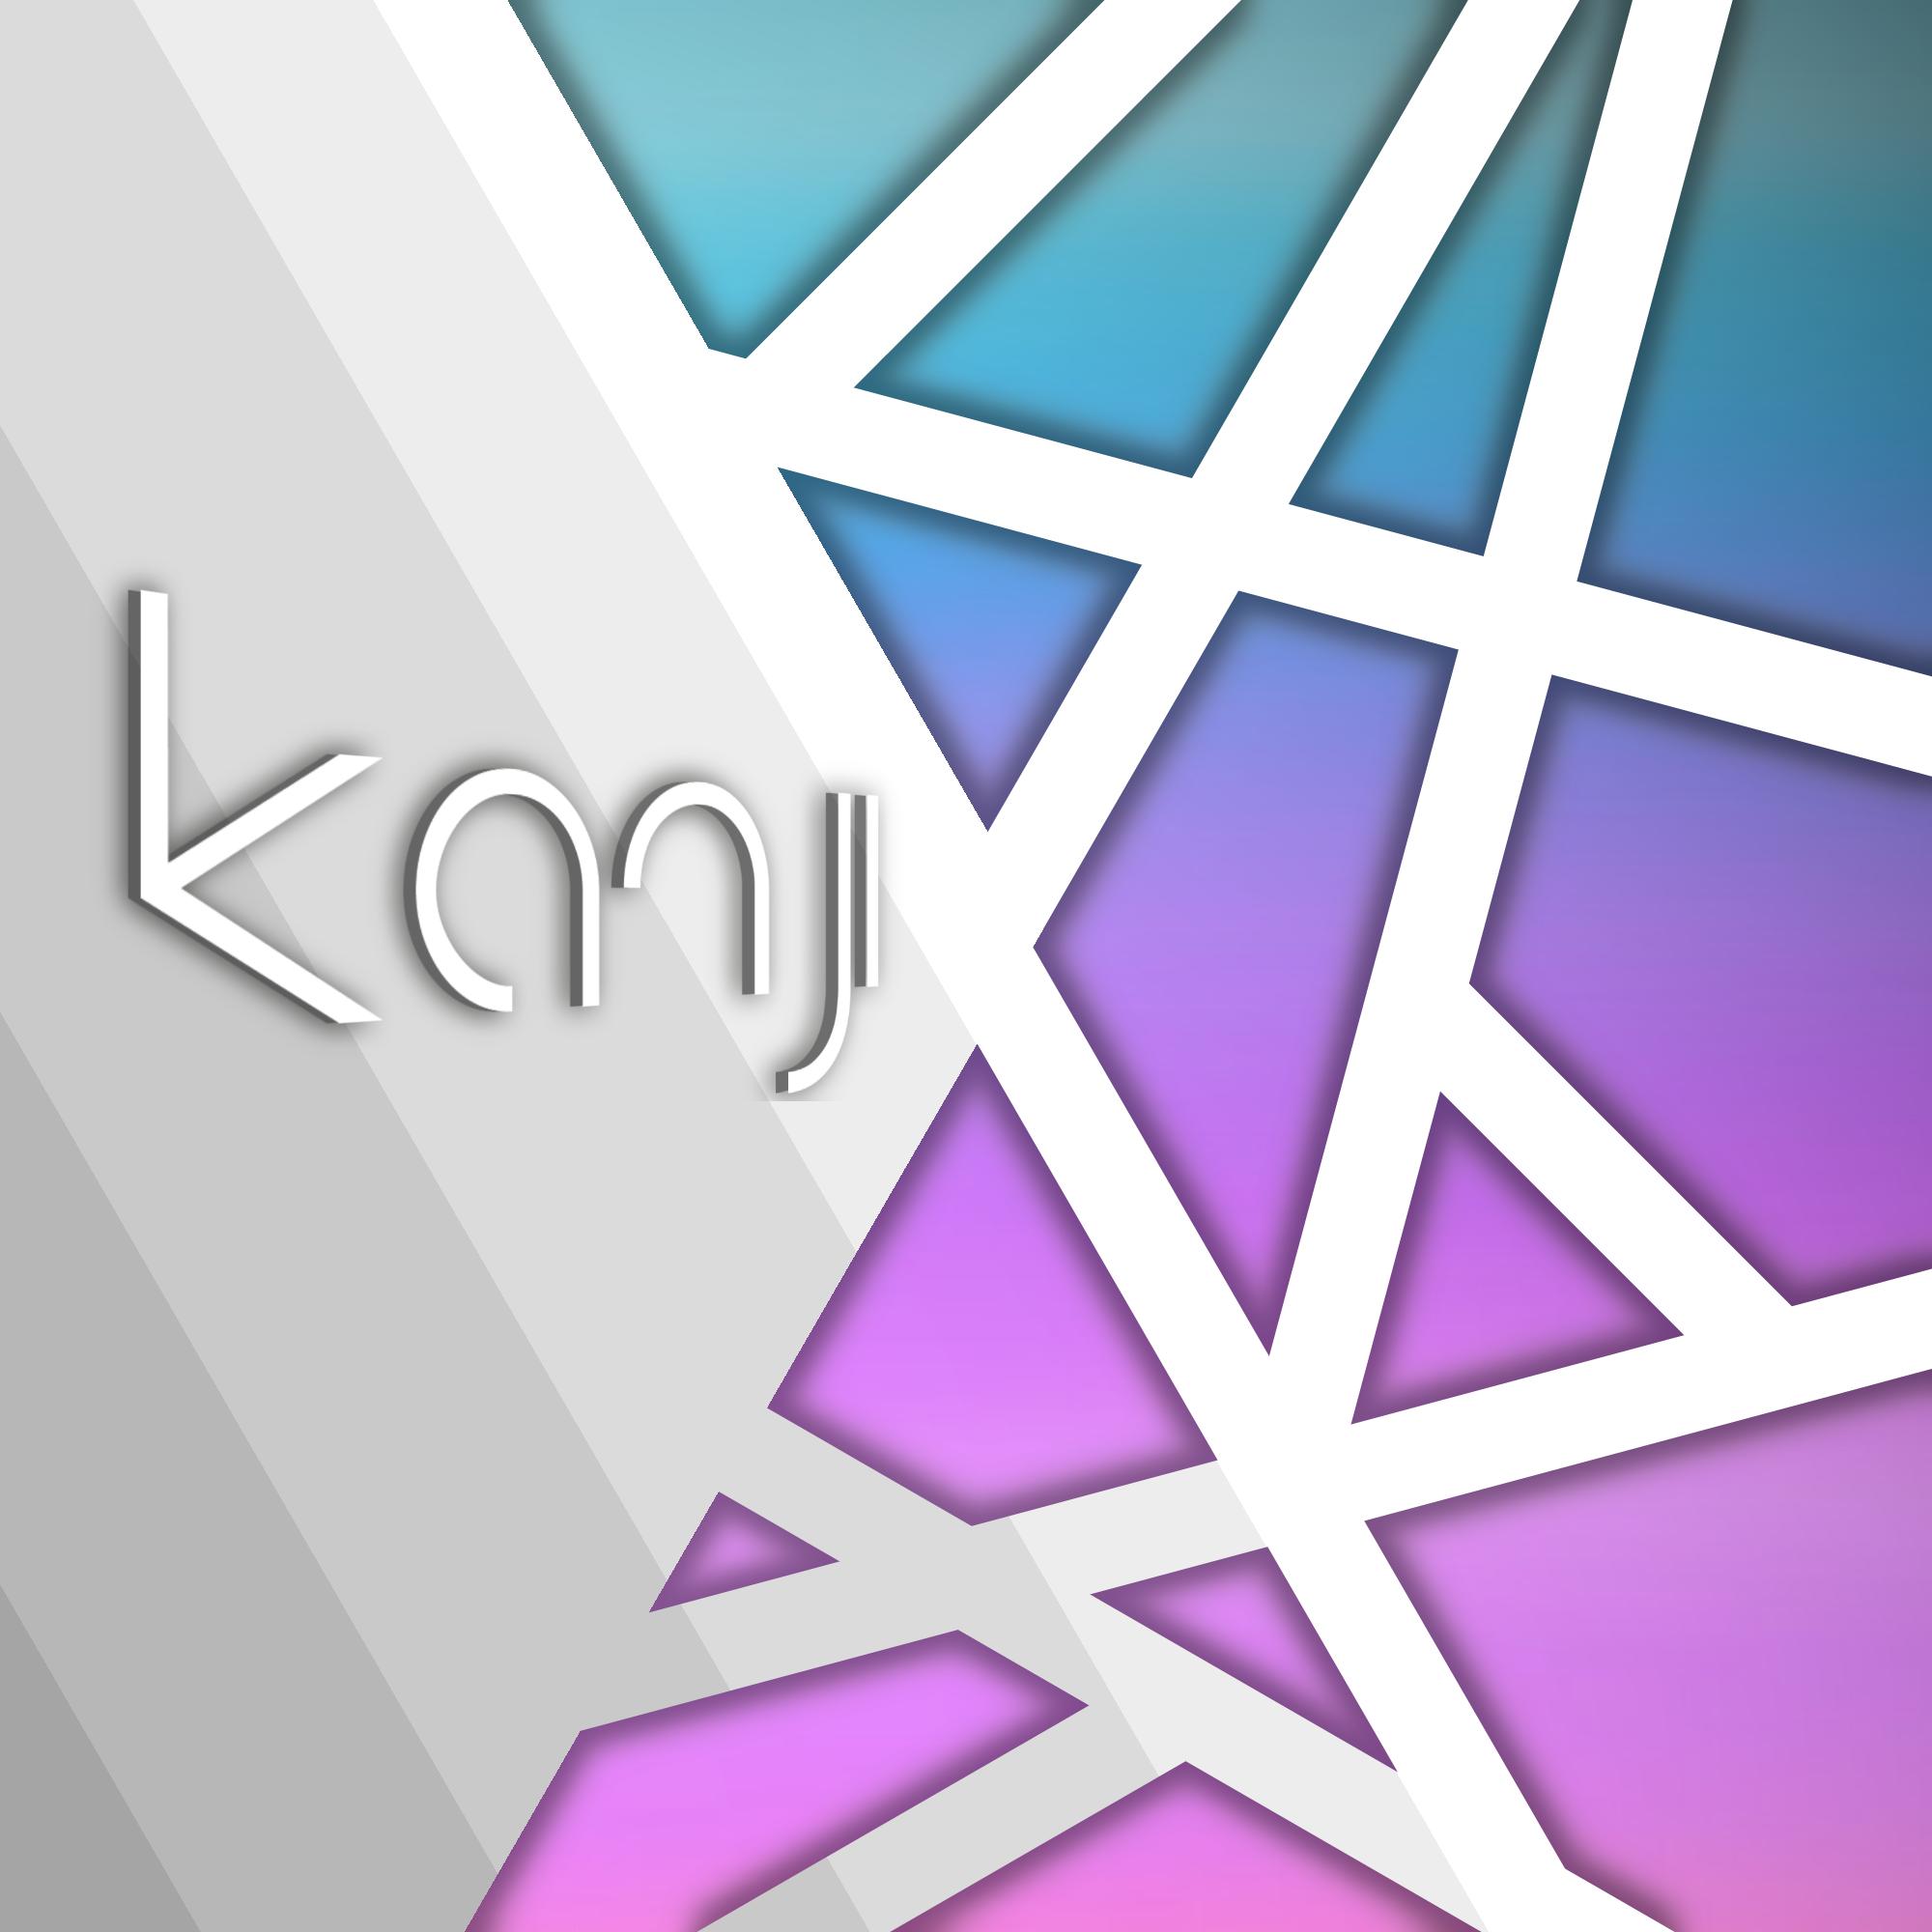 Kanji P2